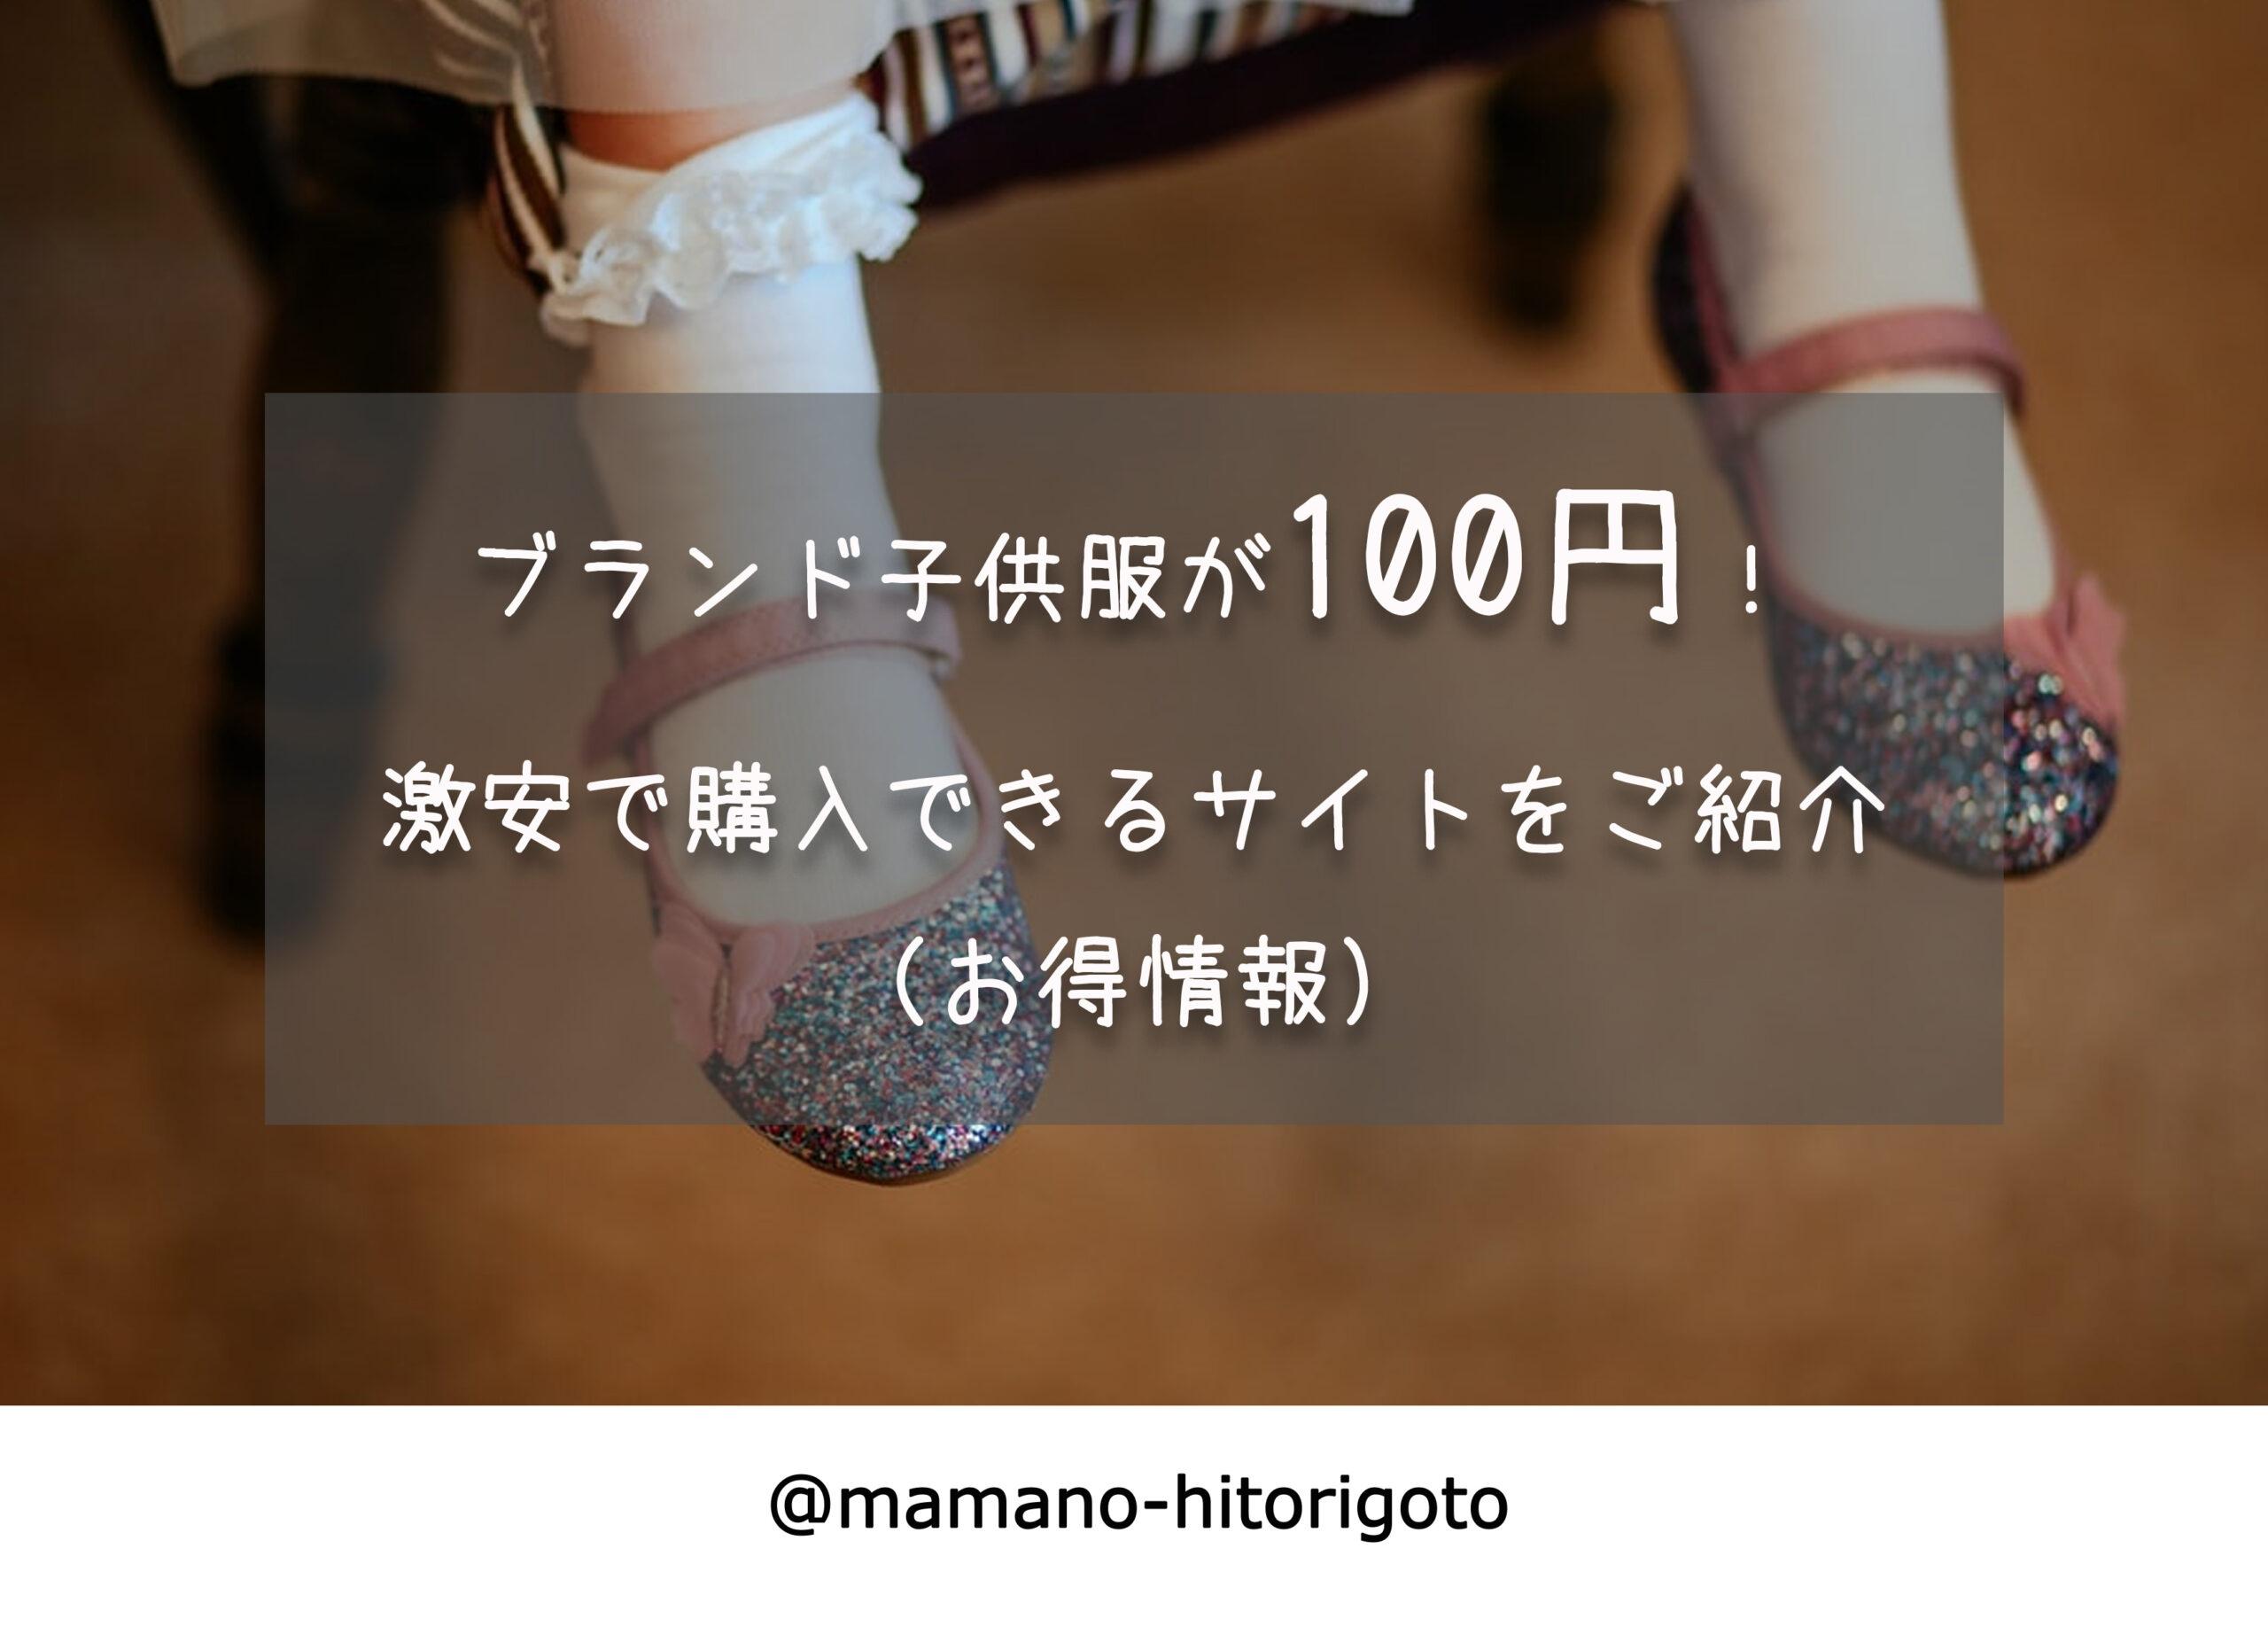 ブランド子供服が100円!激安で購入できるサイトをご紹介